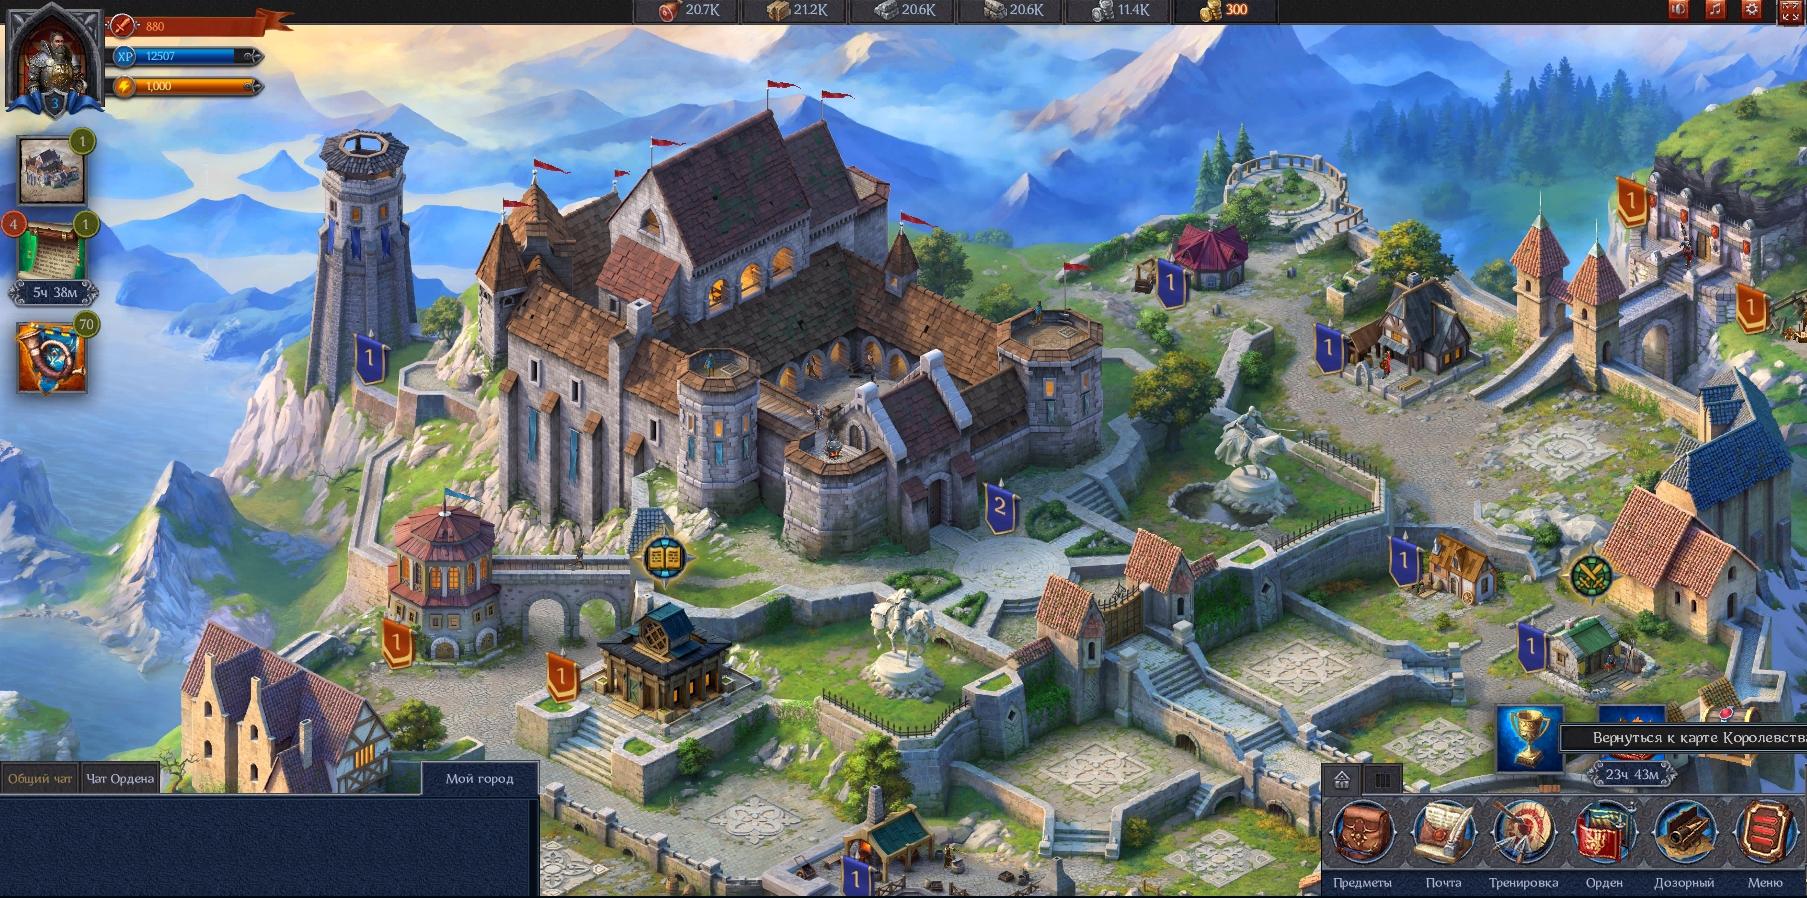 Стратегия онлайн kingdom космические онлайн игры стратегии играть бесплатно